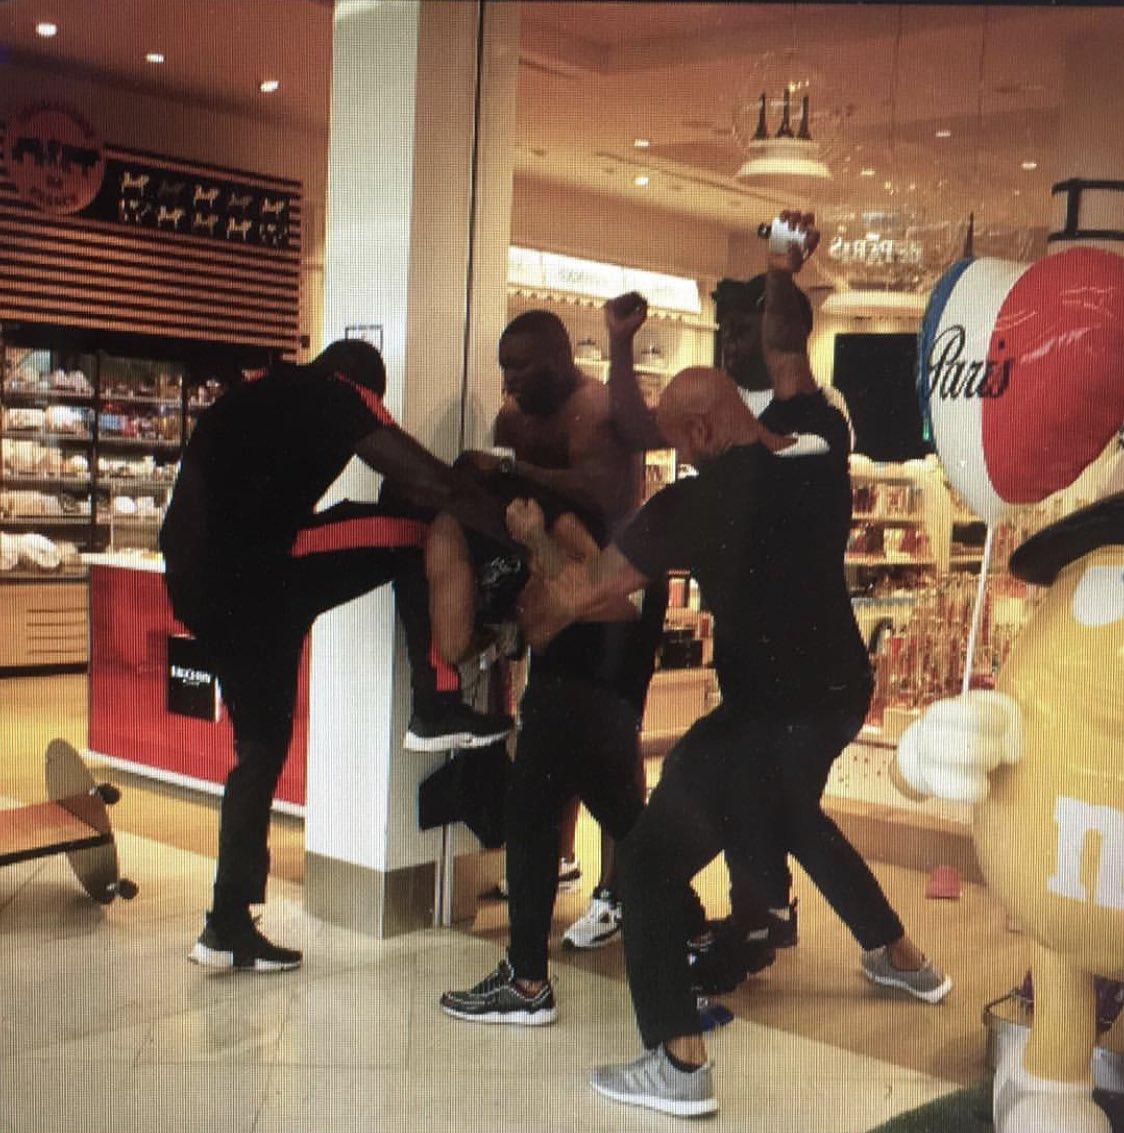 Que s'est-il passé à l'aéroport ? (témoignages) — Booba et Kaaris